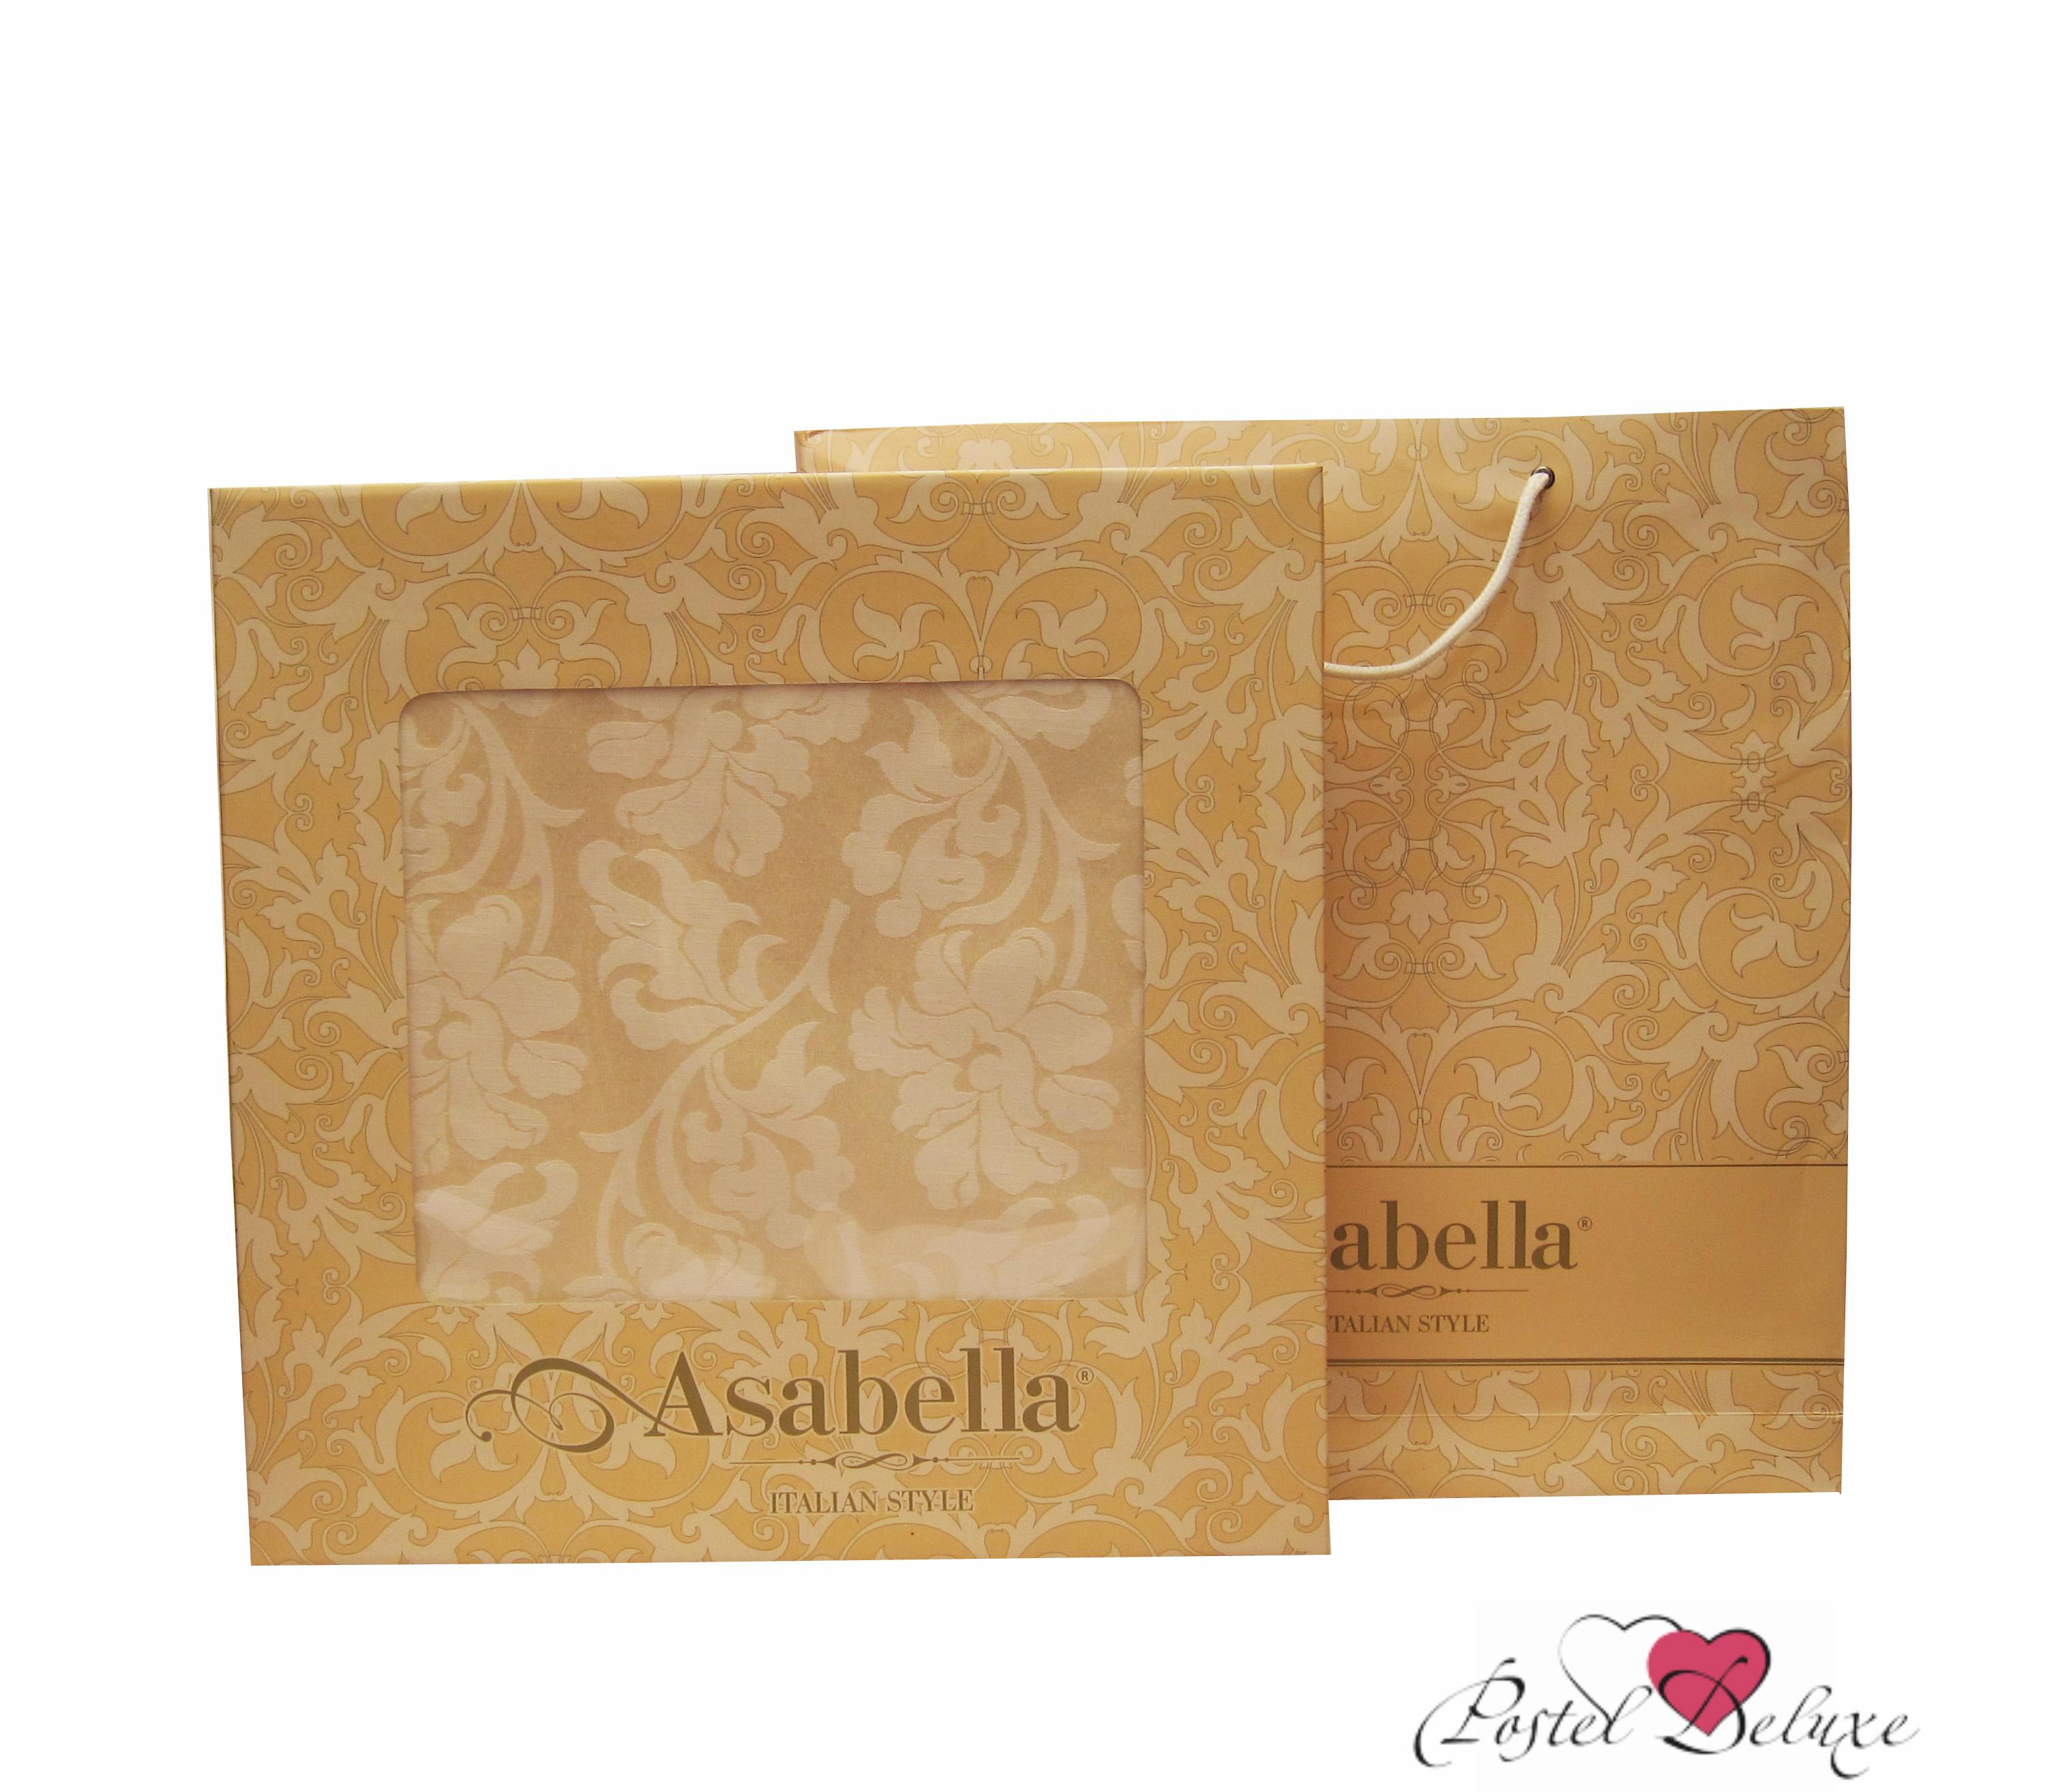 Скатерти и салфетки Asabella СкатертьBreonna(160х260 см)